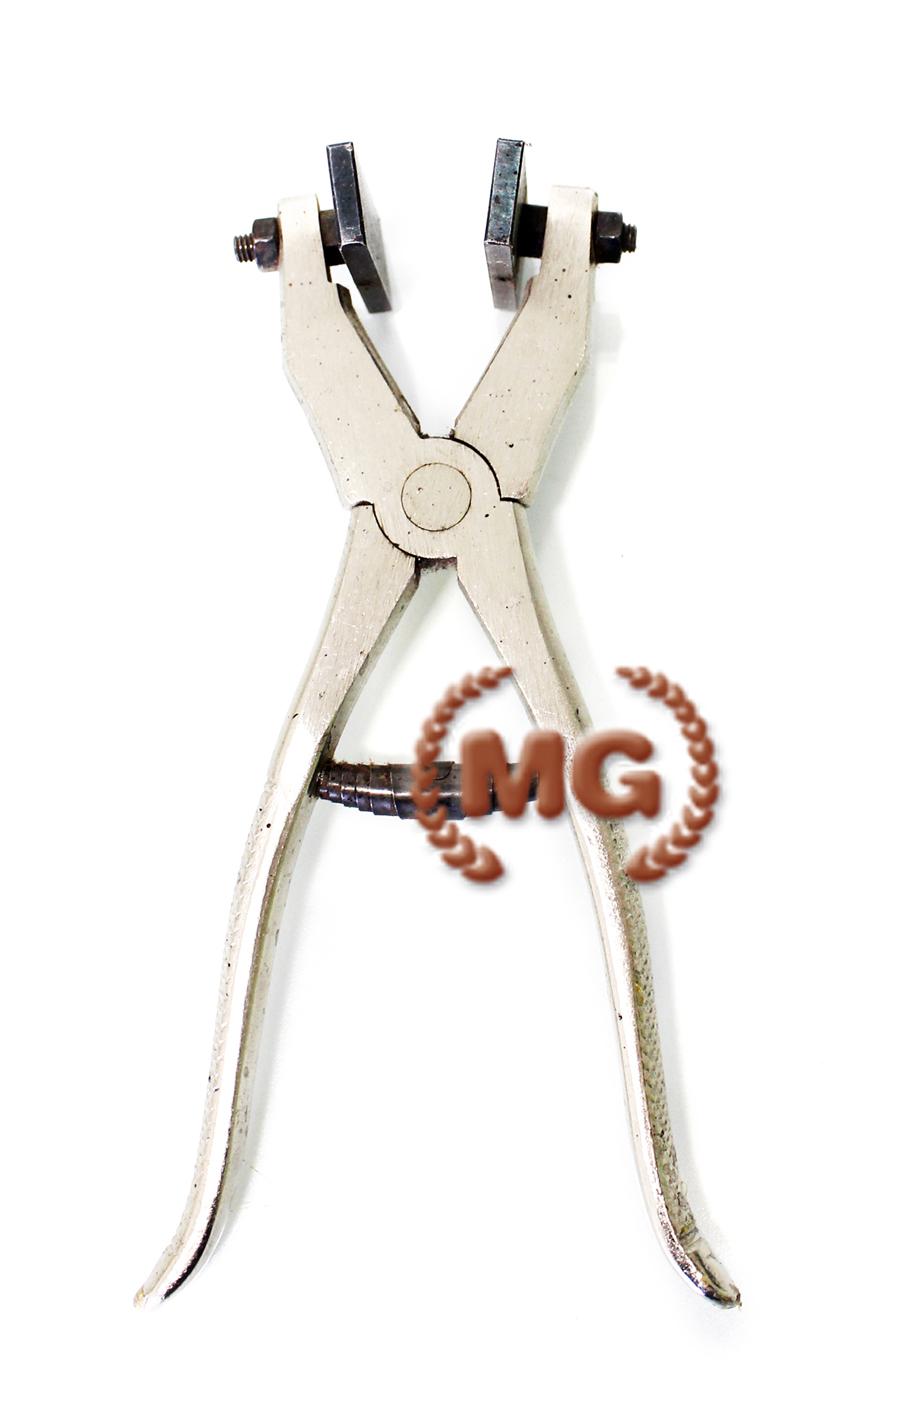 La pressa a pinza è un particolare utensile che permette di chiudere e fissare i fermi delle cerniere, inferiori e superiori